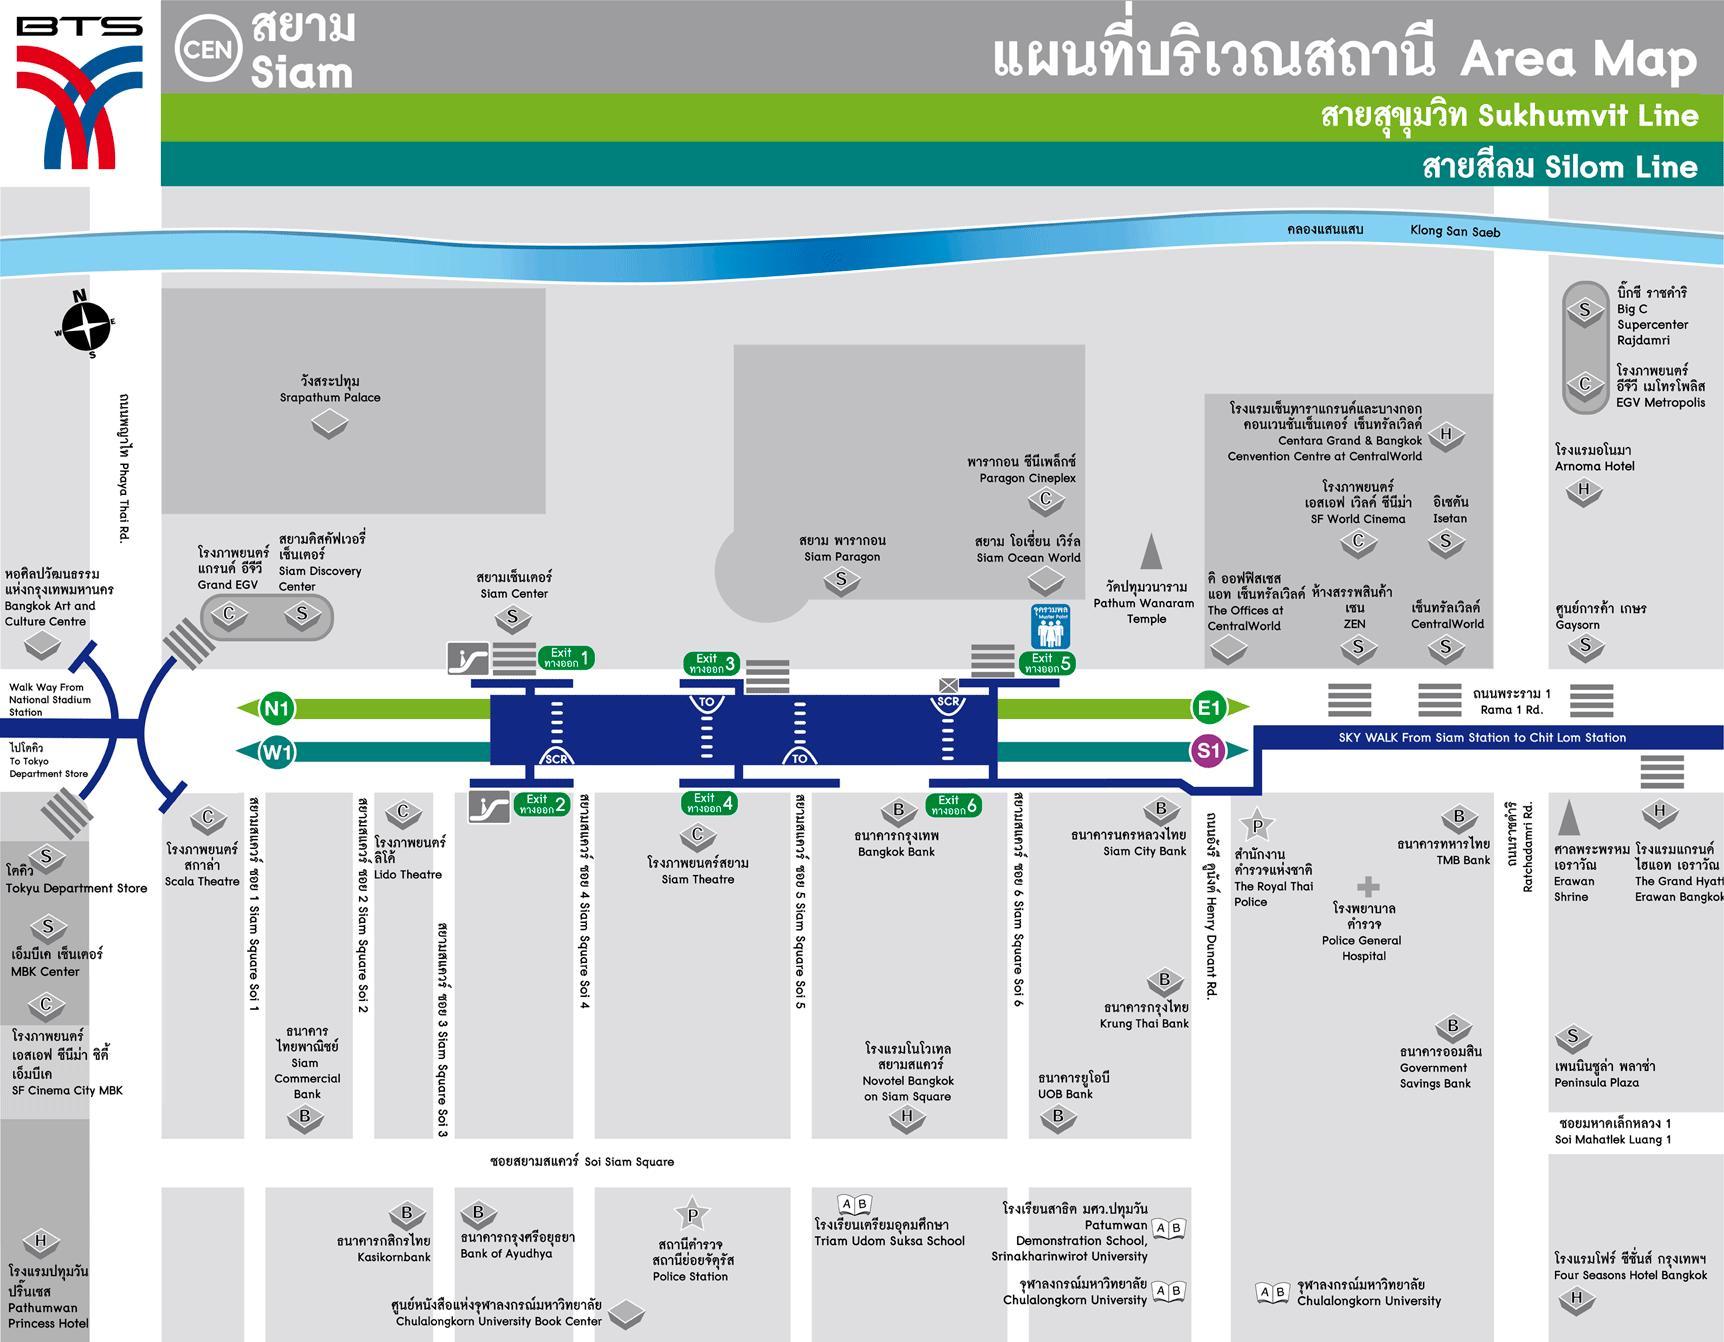 bangkok suvarnahumi airport map bangkok airport bangkok thailand ...